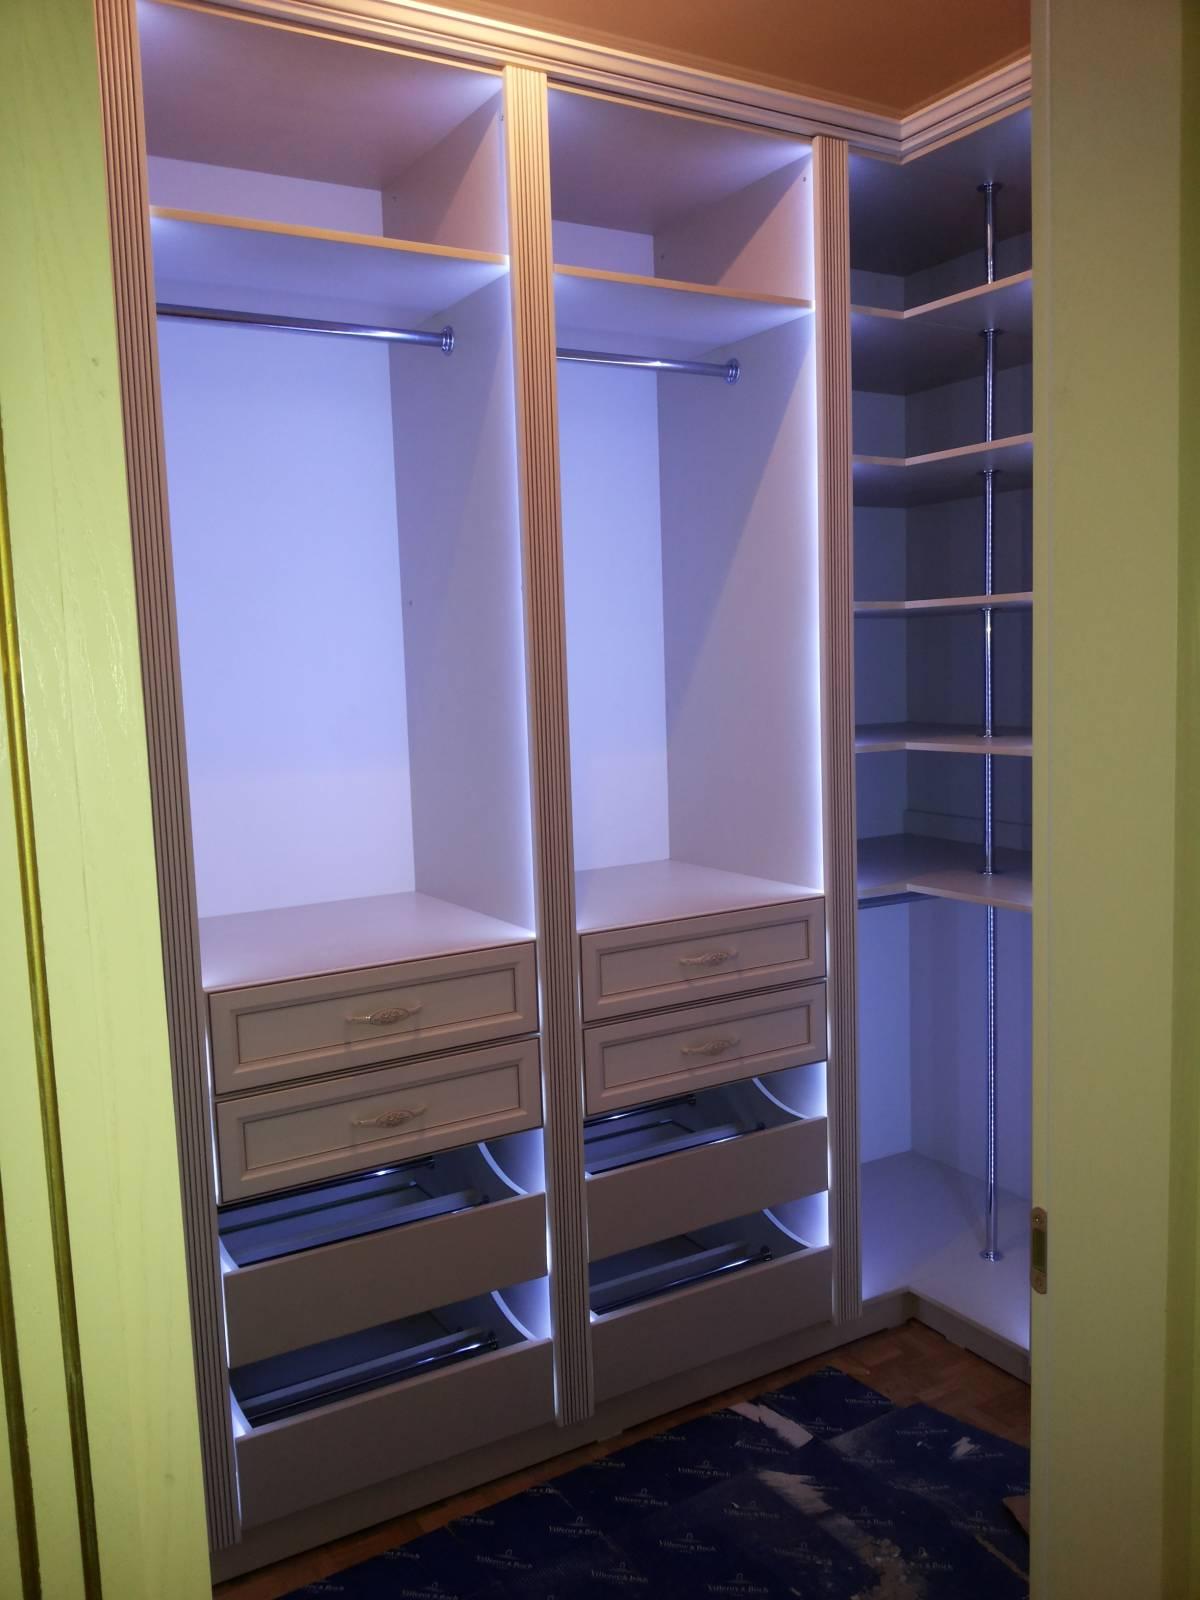 Гардеробные комнаты: 2103412 - прочая мебель и предметы инте.